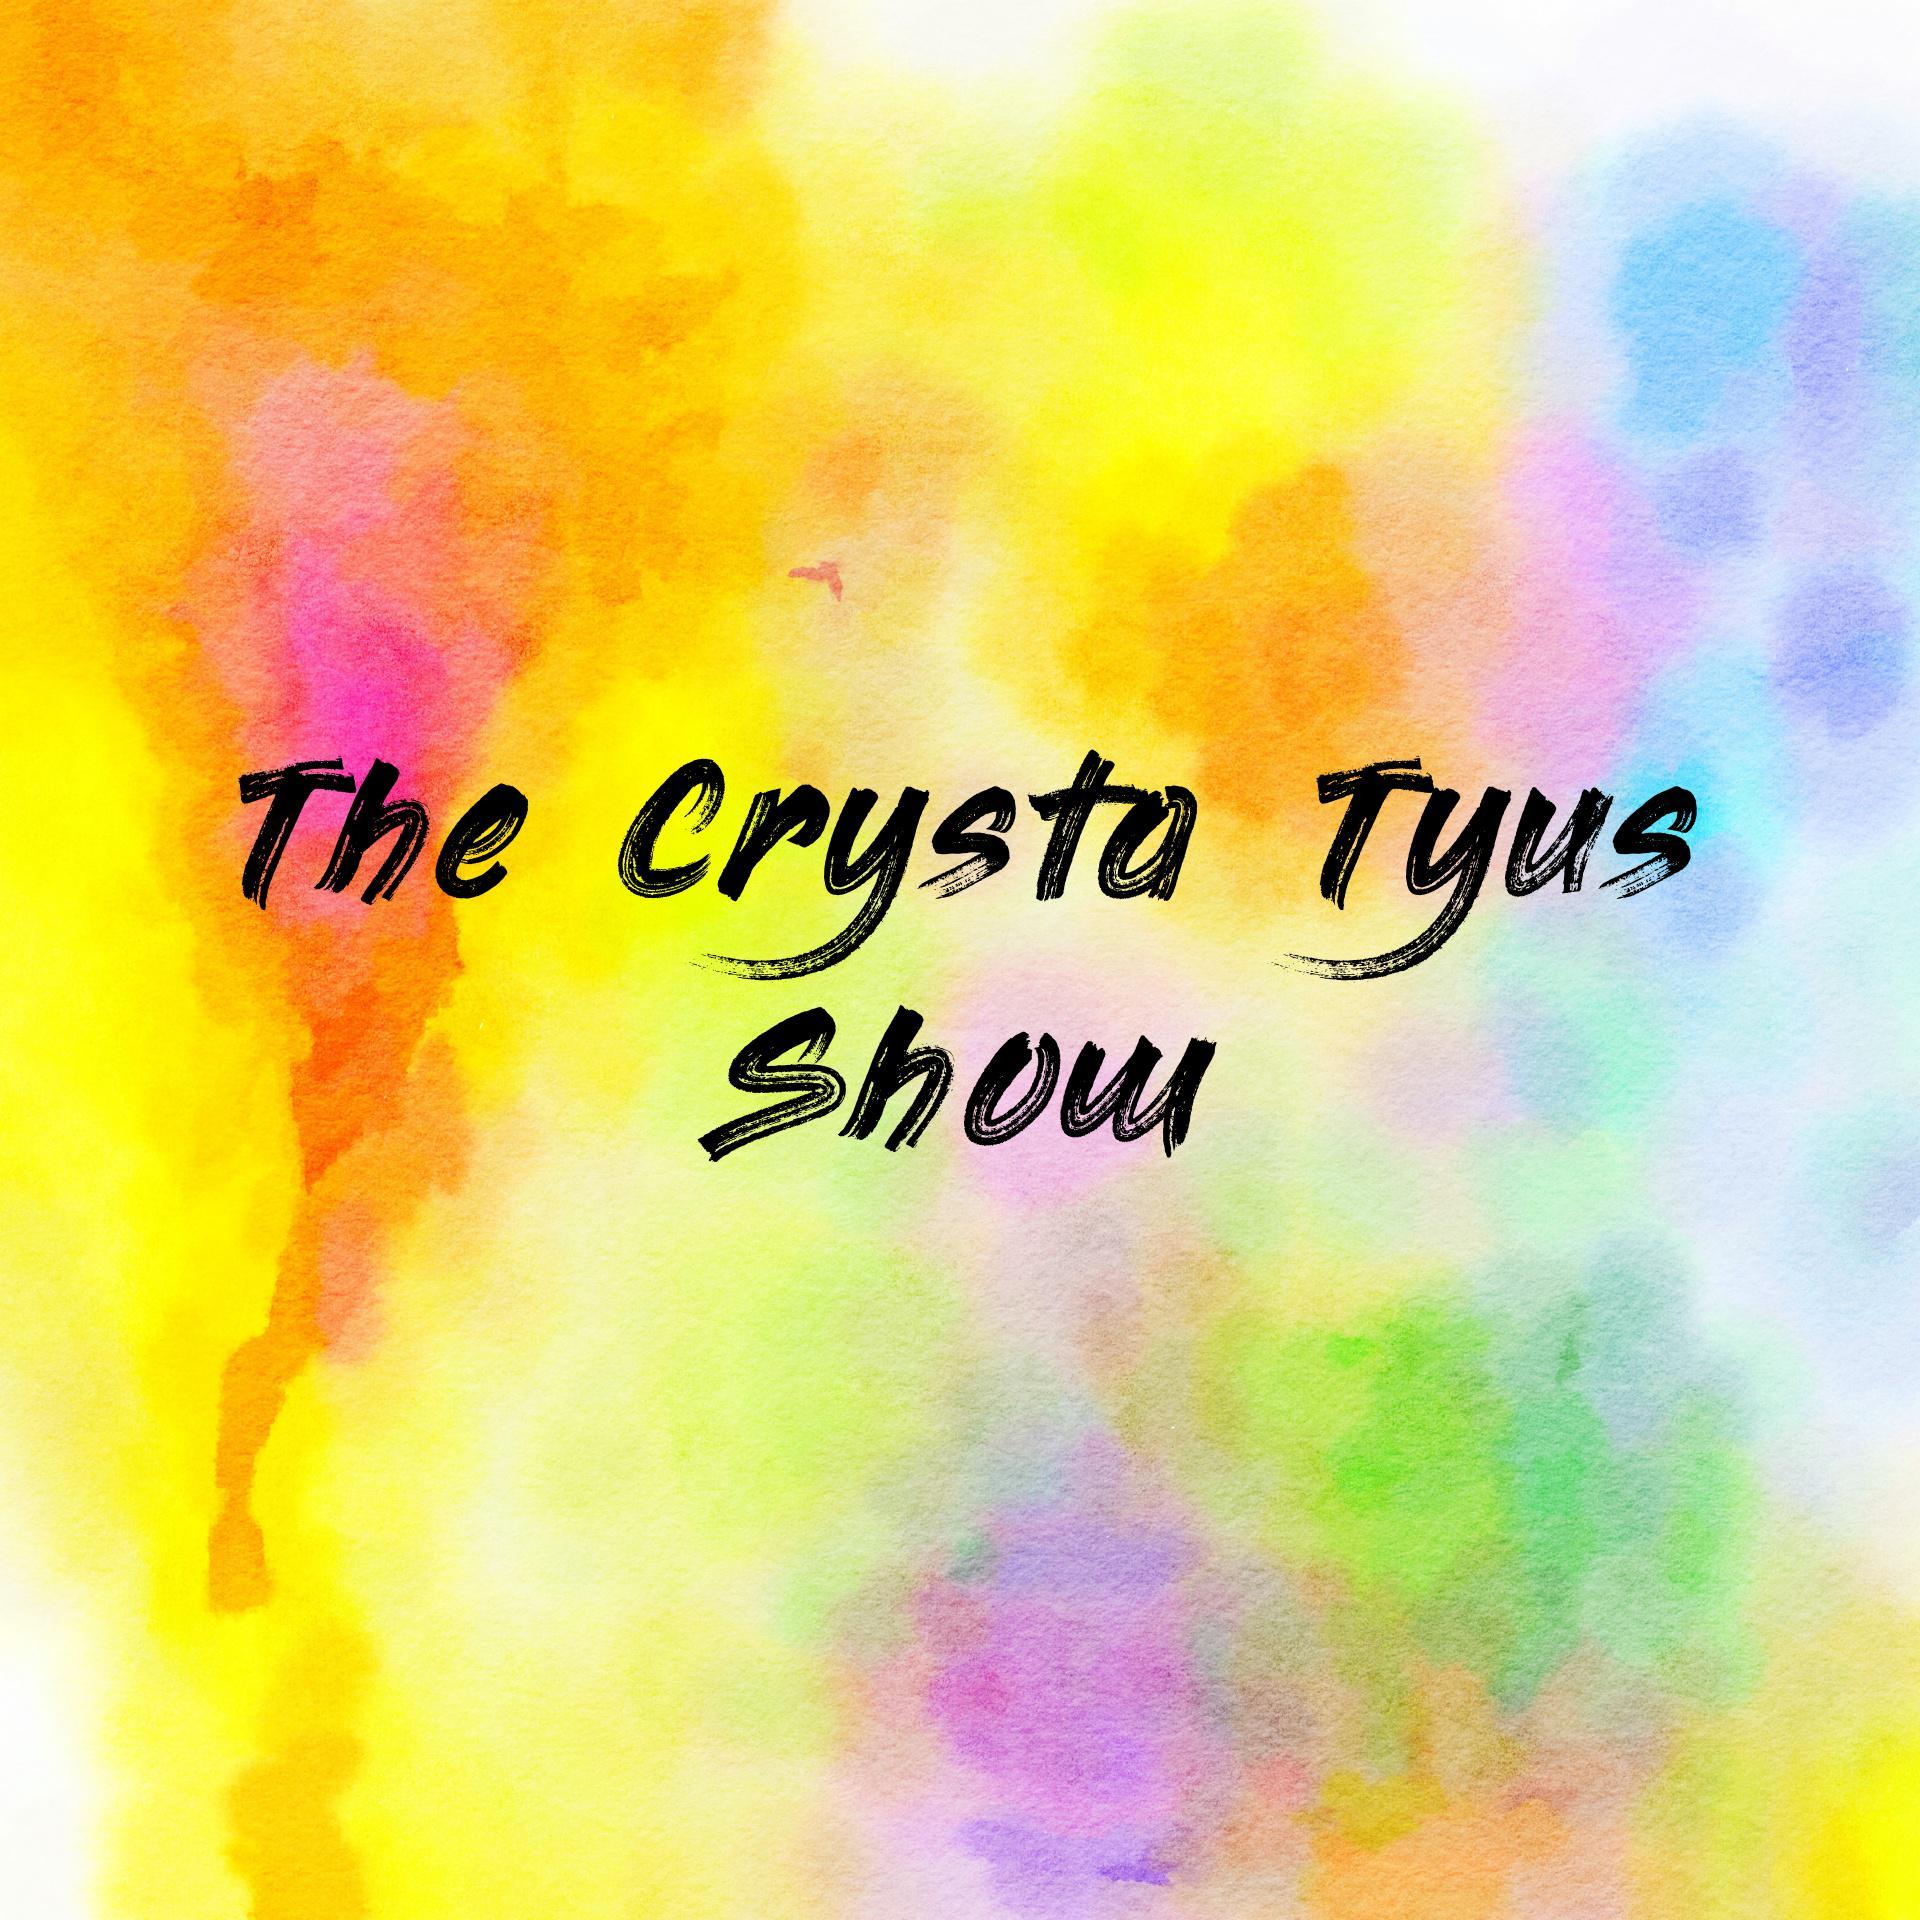 The Crysta Tyus Show